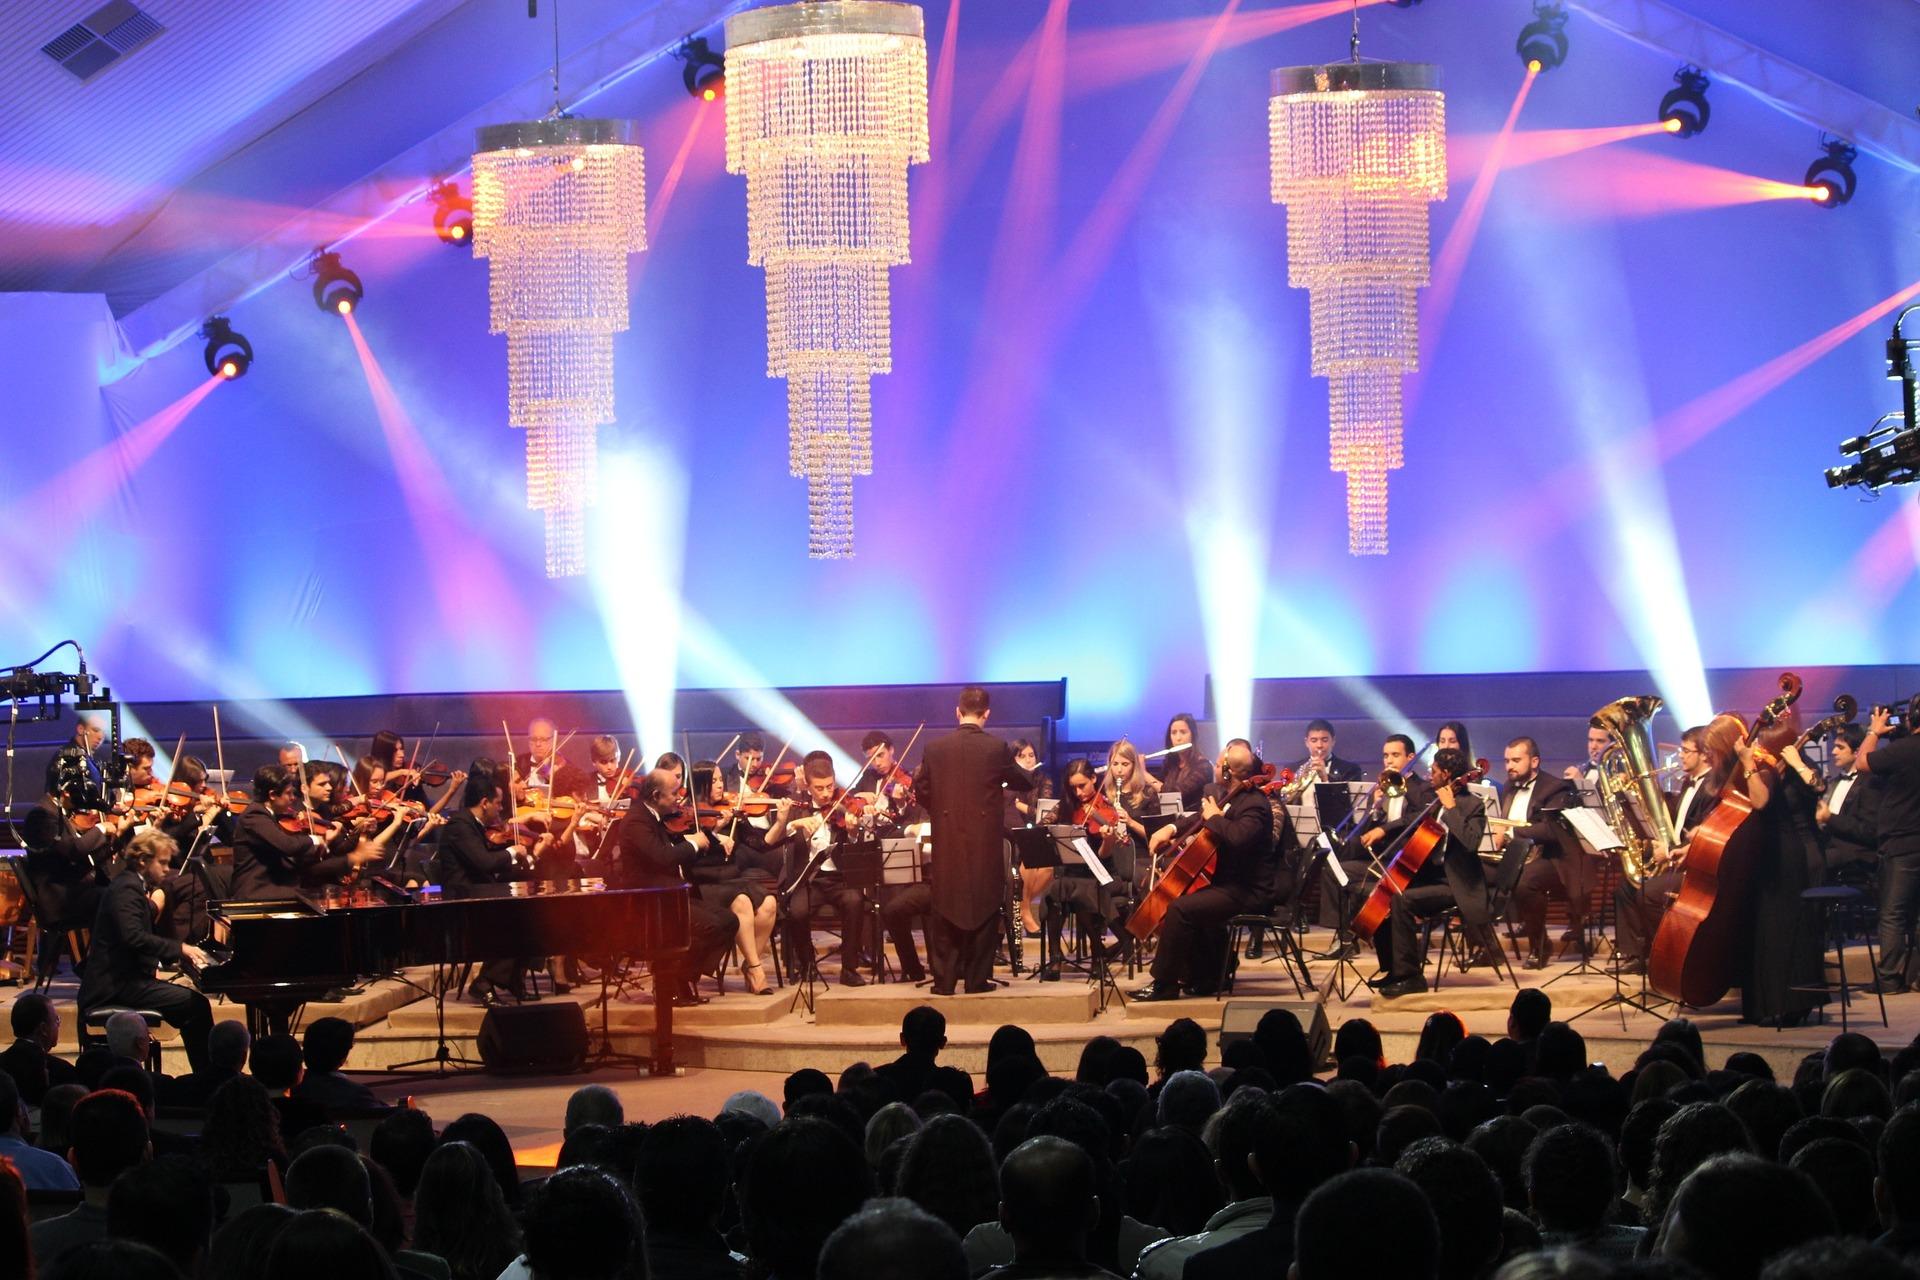 Orchestre symphonique